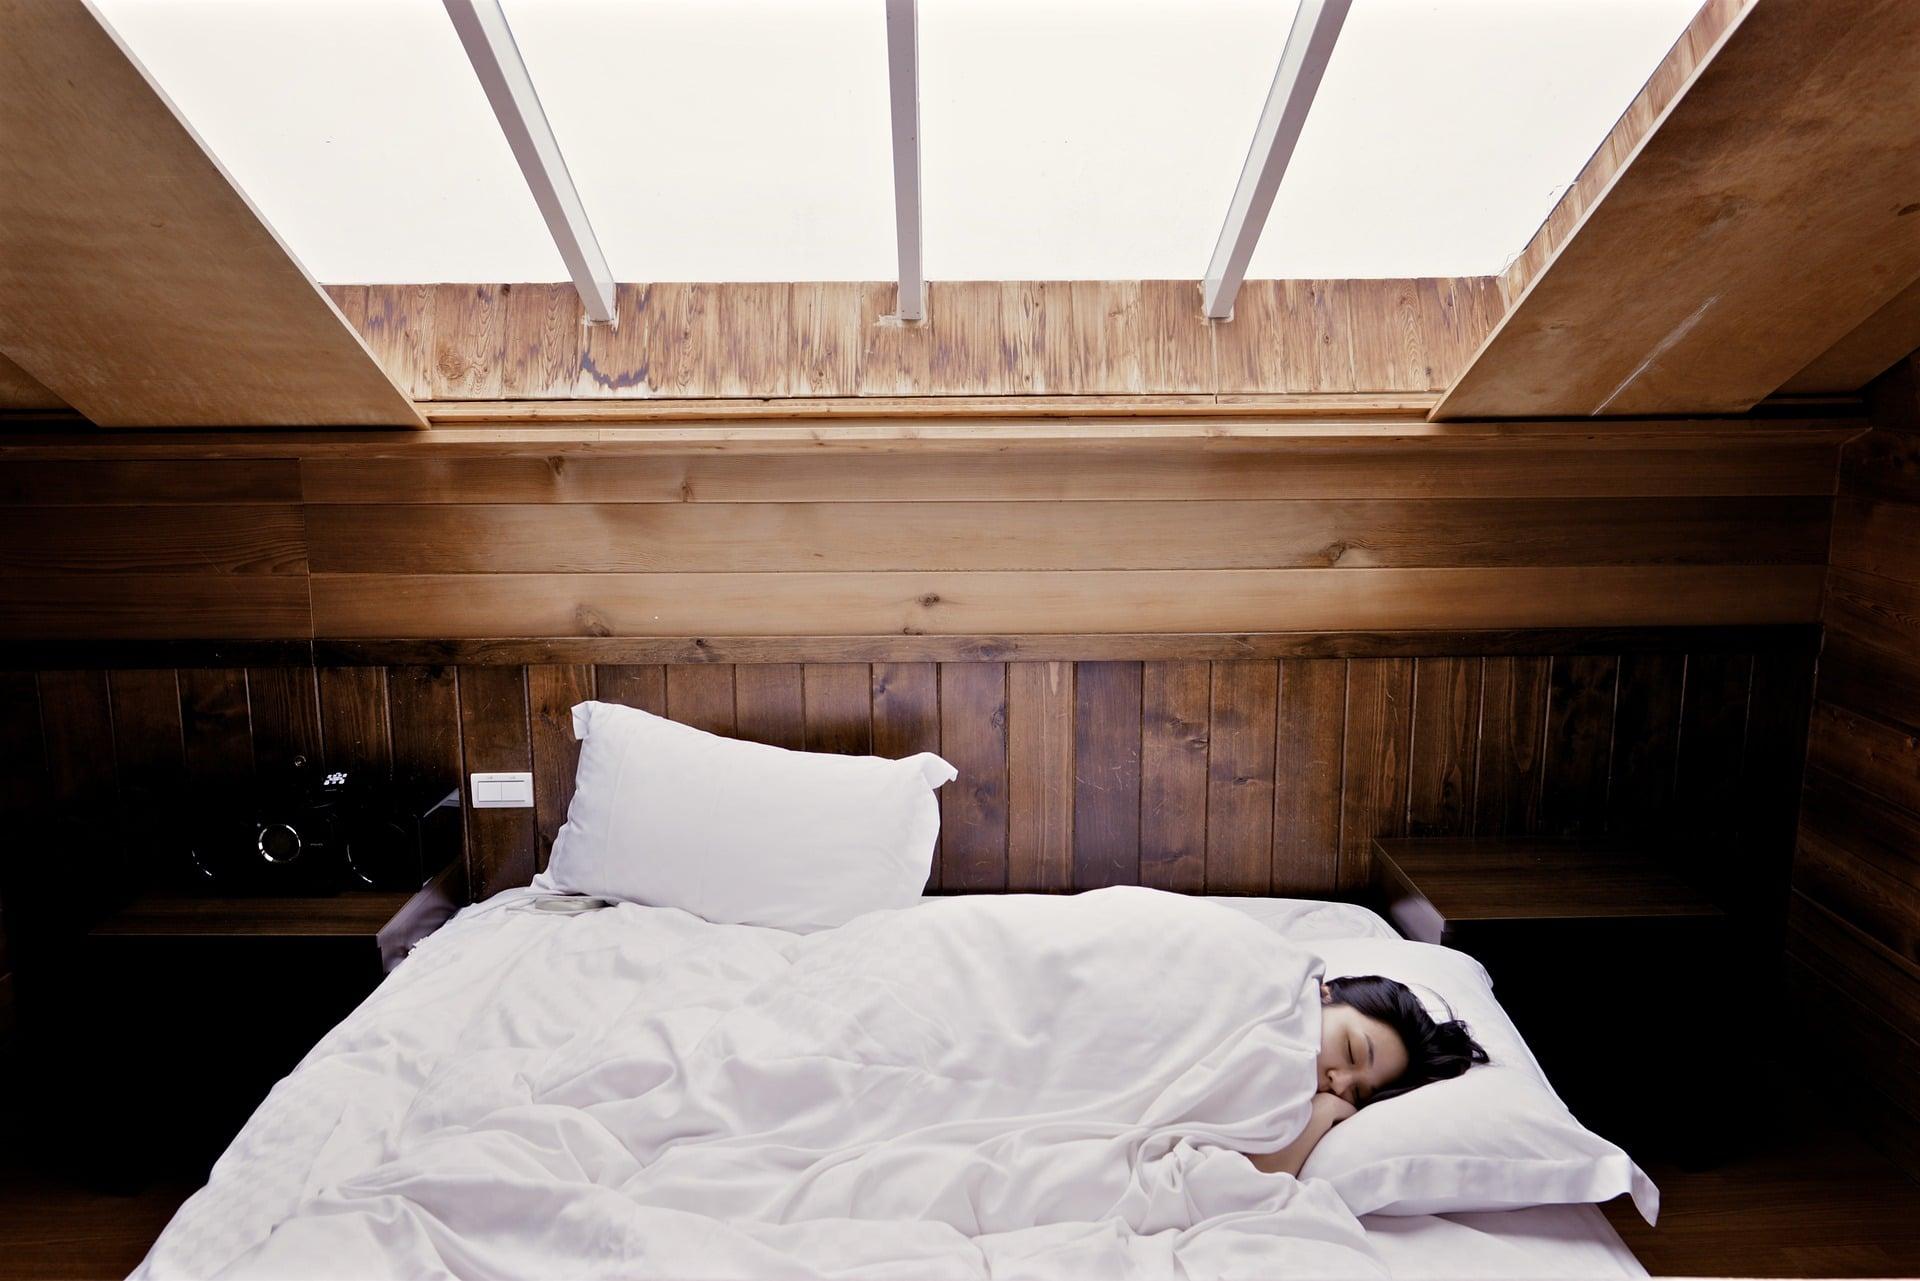 sleep 1209288 1920 - Matelas Emma : lequel choisir pour un sommeil sans stress ?